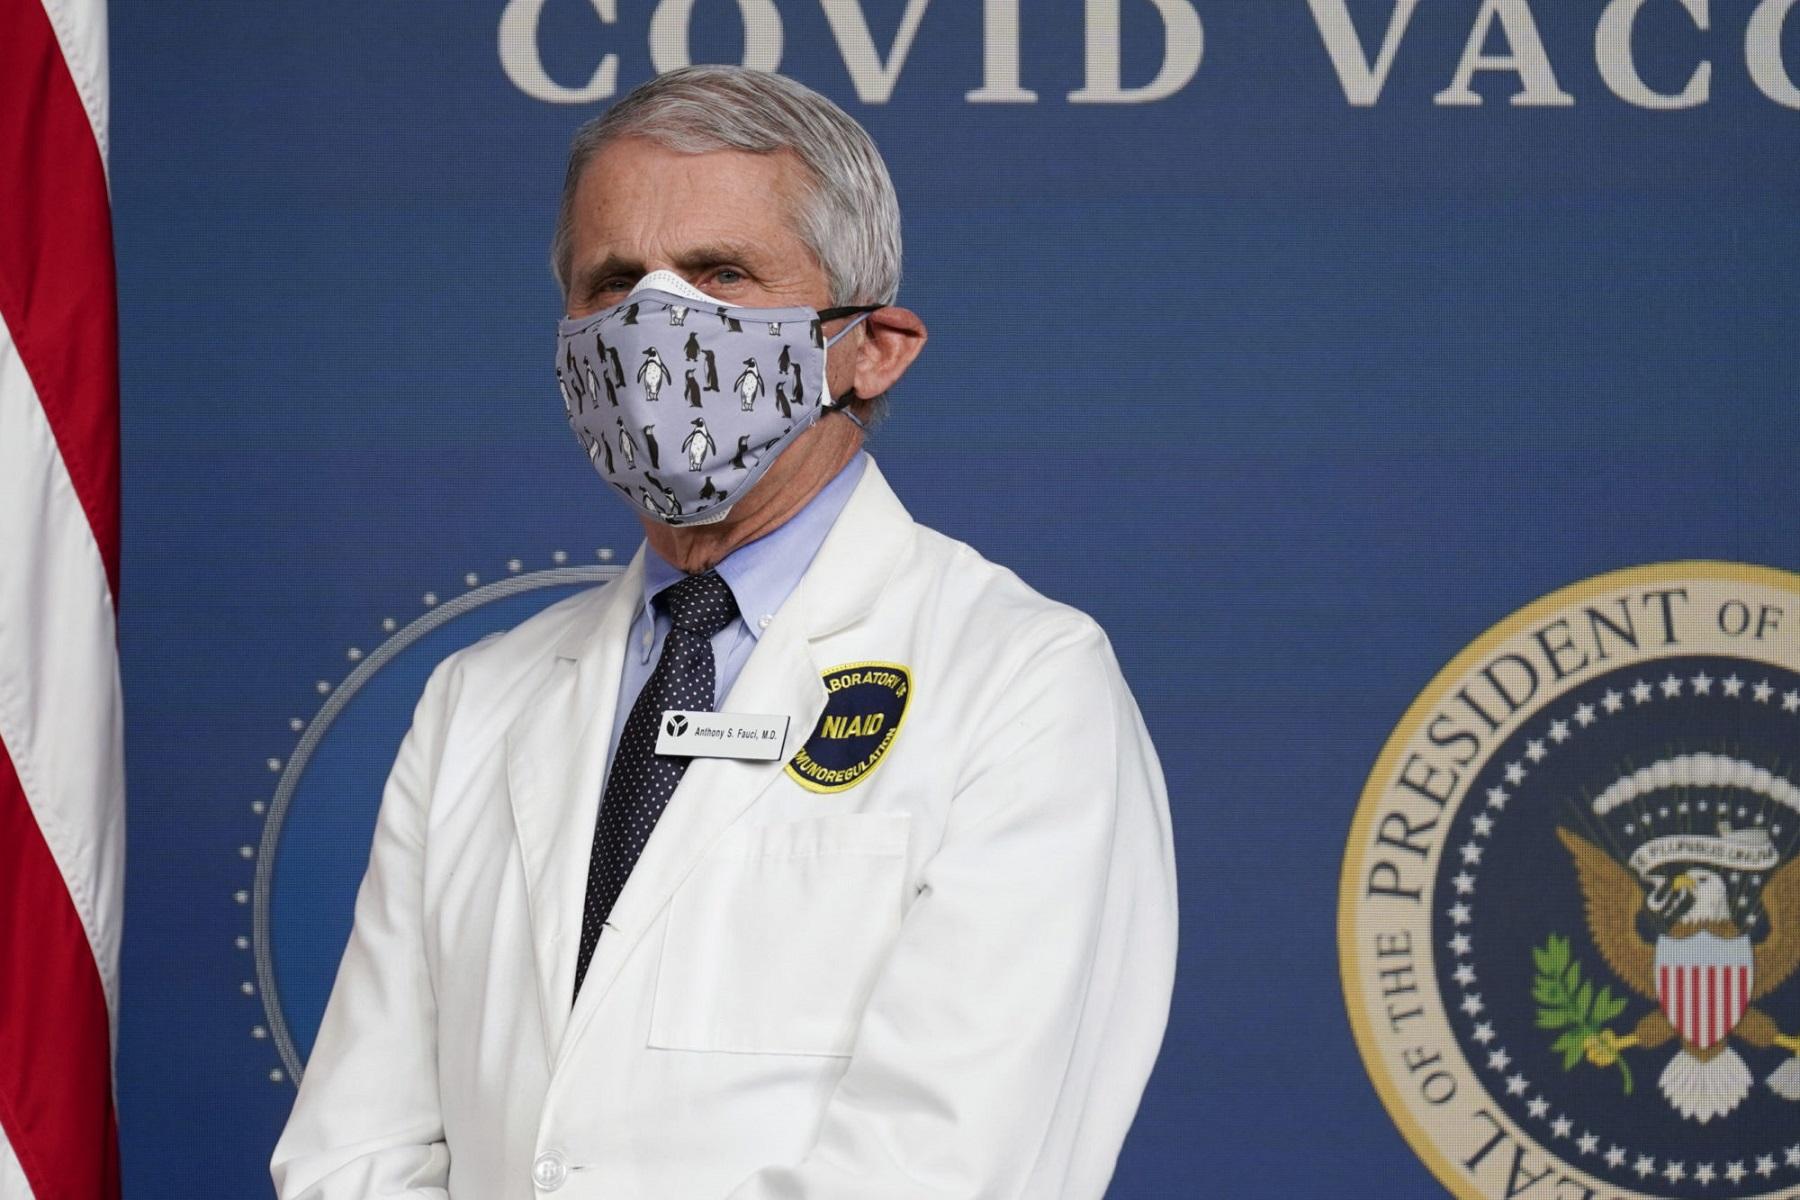 ΗΠΑ Fauci: Ισχυρίζεται ότι είναι κρίσιμη η λήψη του πρόσθετου επιπέδου προστασίας της μάσκας